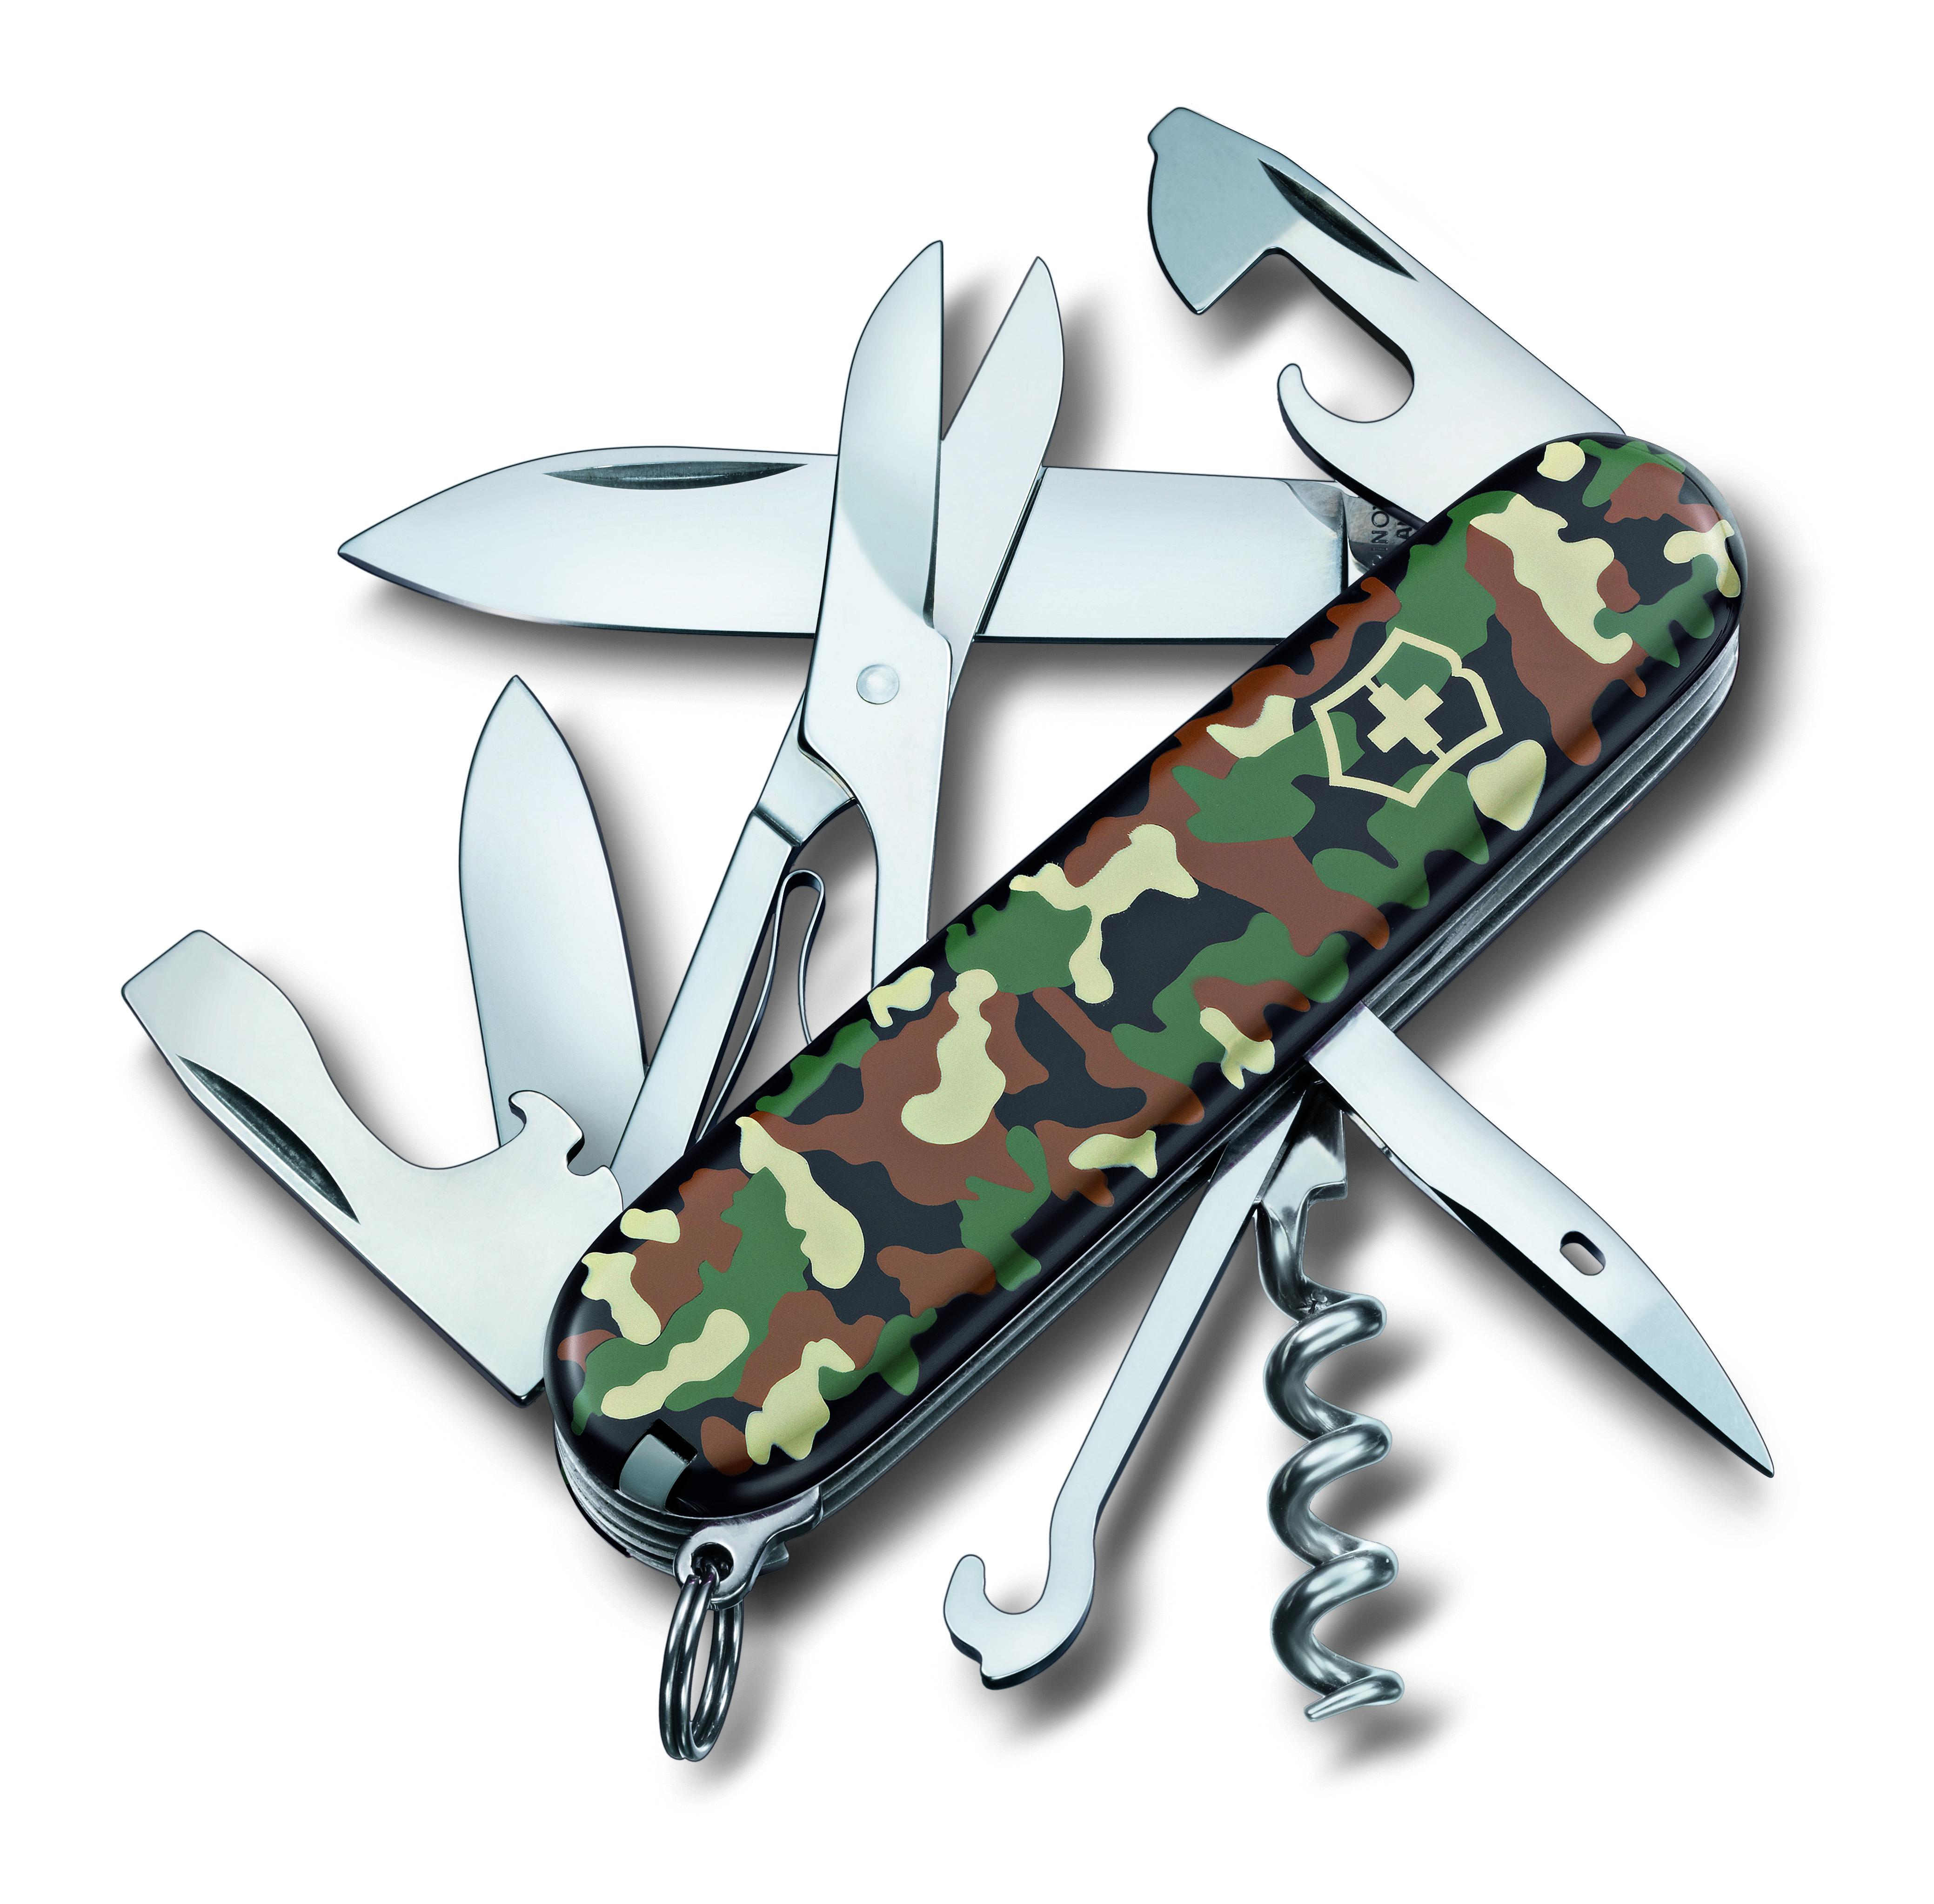 Нож перочинный Victorinox Climber, 14 функций, цвет: светло-зеленый, длина клинка 68 мм1.3703.94Маленький красный карманный нож с эмблемой креста на щите на рукояти — самый узнаваемый символ компании Victorinox.В 1897 году основатель компани Карл Эльзенер разработал первый «Швейцарский армейский нож».Более 130 лет компания Victorinox разрабатывает продукты,которые не просто уникальны по дизайну и качеству,но и способны стать верными спутниками по жизни как для великих,так и для небольших приключений. VICTORINOX арт. 1.3703.94 Швейцарский армейский нож CLIMBER имеет 14 функций: 1. Большое лезвие 2. Малое лезвие 3. Штопор 4. Консервный нож с: 5. – Малой отвёрткой 6. Открывалка для бутылок с: 7. – Отвёрткой 8. – Инструментом для снятия изоляции 9. Шило, кернер 10. Кольцо для ключей 11. Пинцет 12. Зубочистка 13. Ножницы 14. Многофункциональный крючок Цвет рукояти: зелёный камуфляж Рекомендуемые чехлы: 4.0480.1, 4.0480.3, 4.0520.1, 4.0520.3, 4.0520.31, 4.0520.32, 4.0543.3, 4.0533 Рекомендуемые аксессуары: Инструмент для заточки: 4.3311, 4.3323, 4.0567.32 Держатели на ремень: 4.1853,...